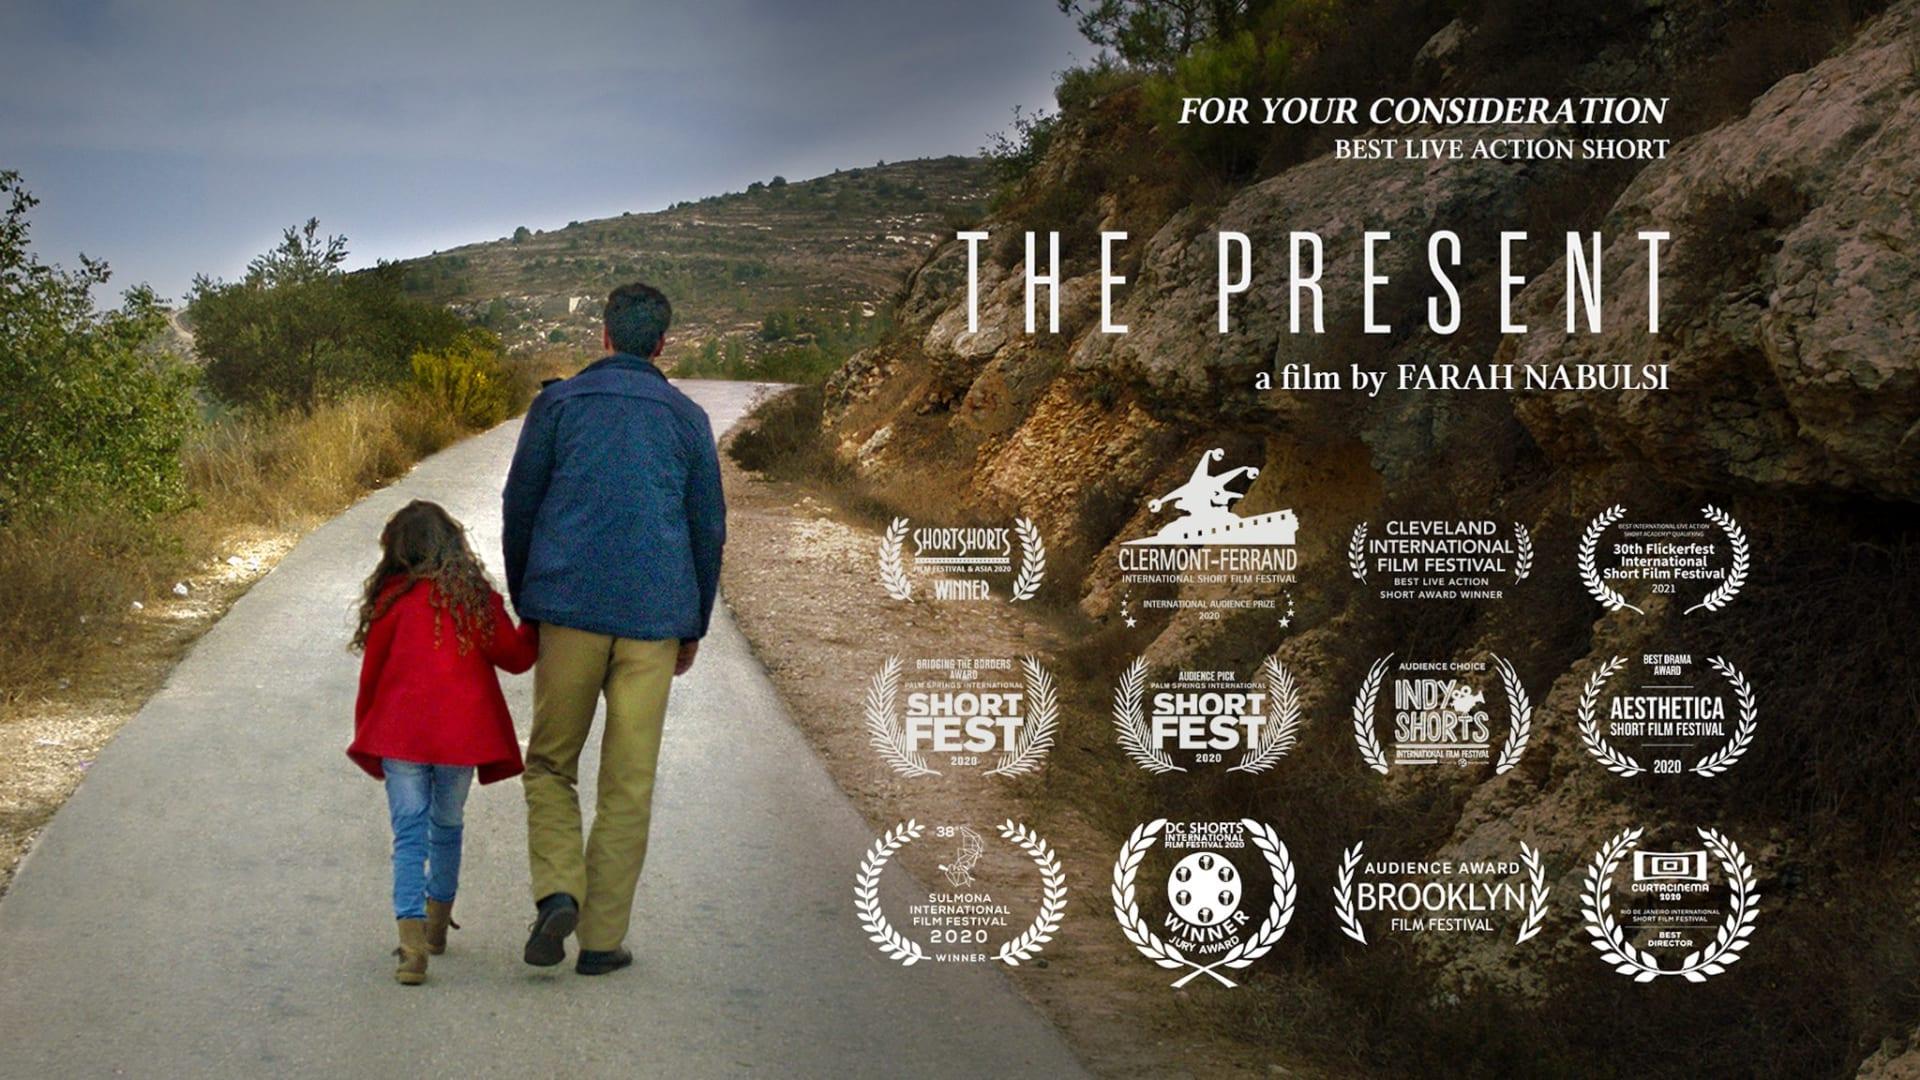 """صورة من صفحة المخرجة فرح نابلسي لصورة غلاف فيلم """"الهدية"""""""